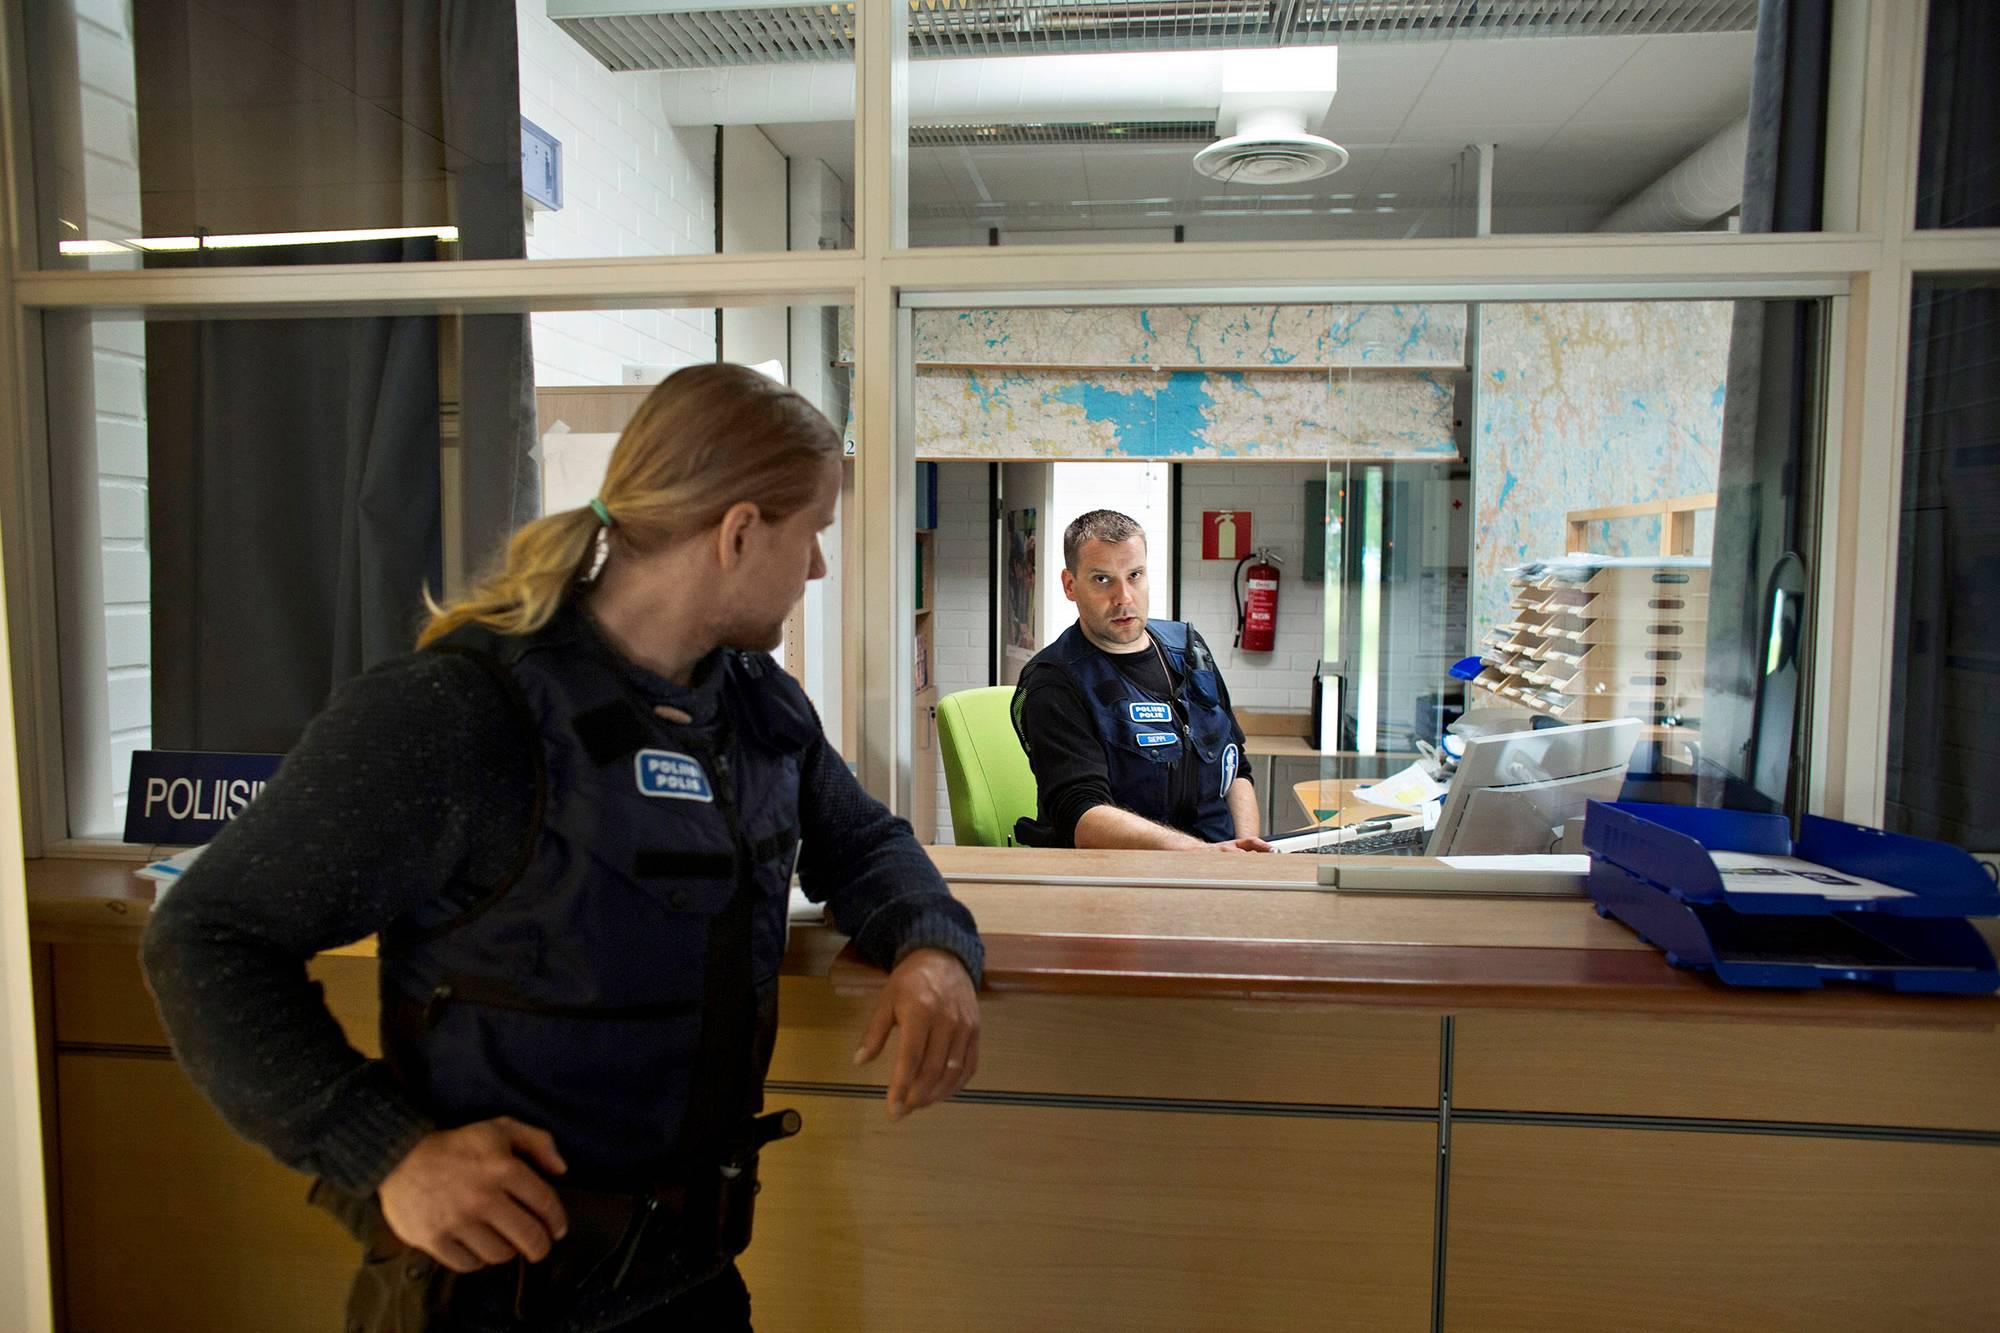 Tuomas Reiman ja Ilari Sieppi torstaivuorossa Mänttä-Vilppulan poliisiasemalla.